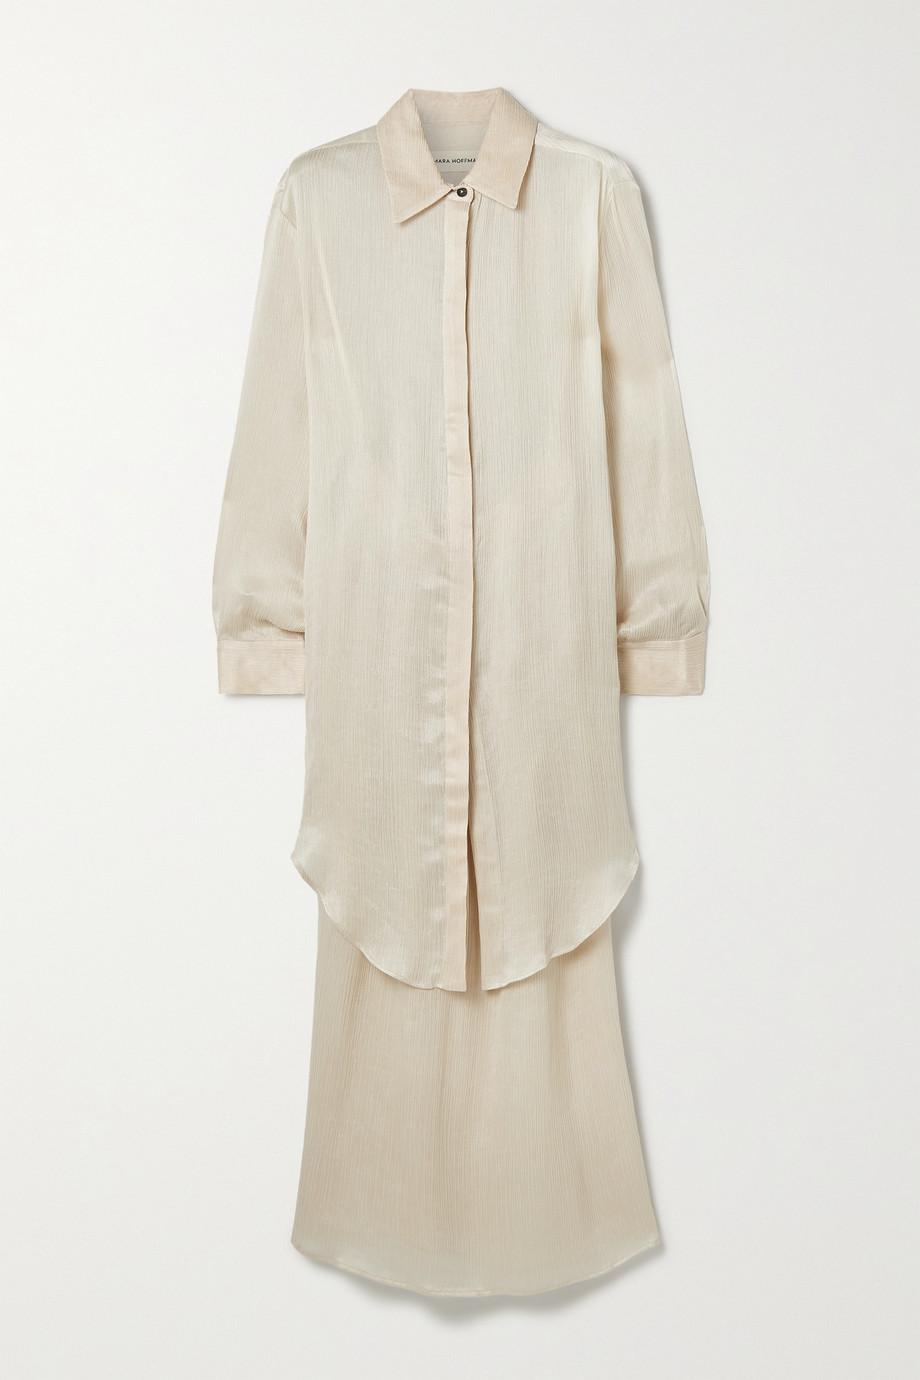 Mara Hoffman Jupe et tunique en crépon de TENCEL Luxe plissé Agata - NET SUSTAIN